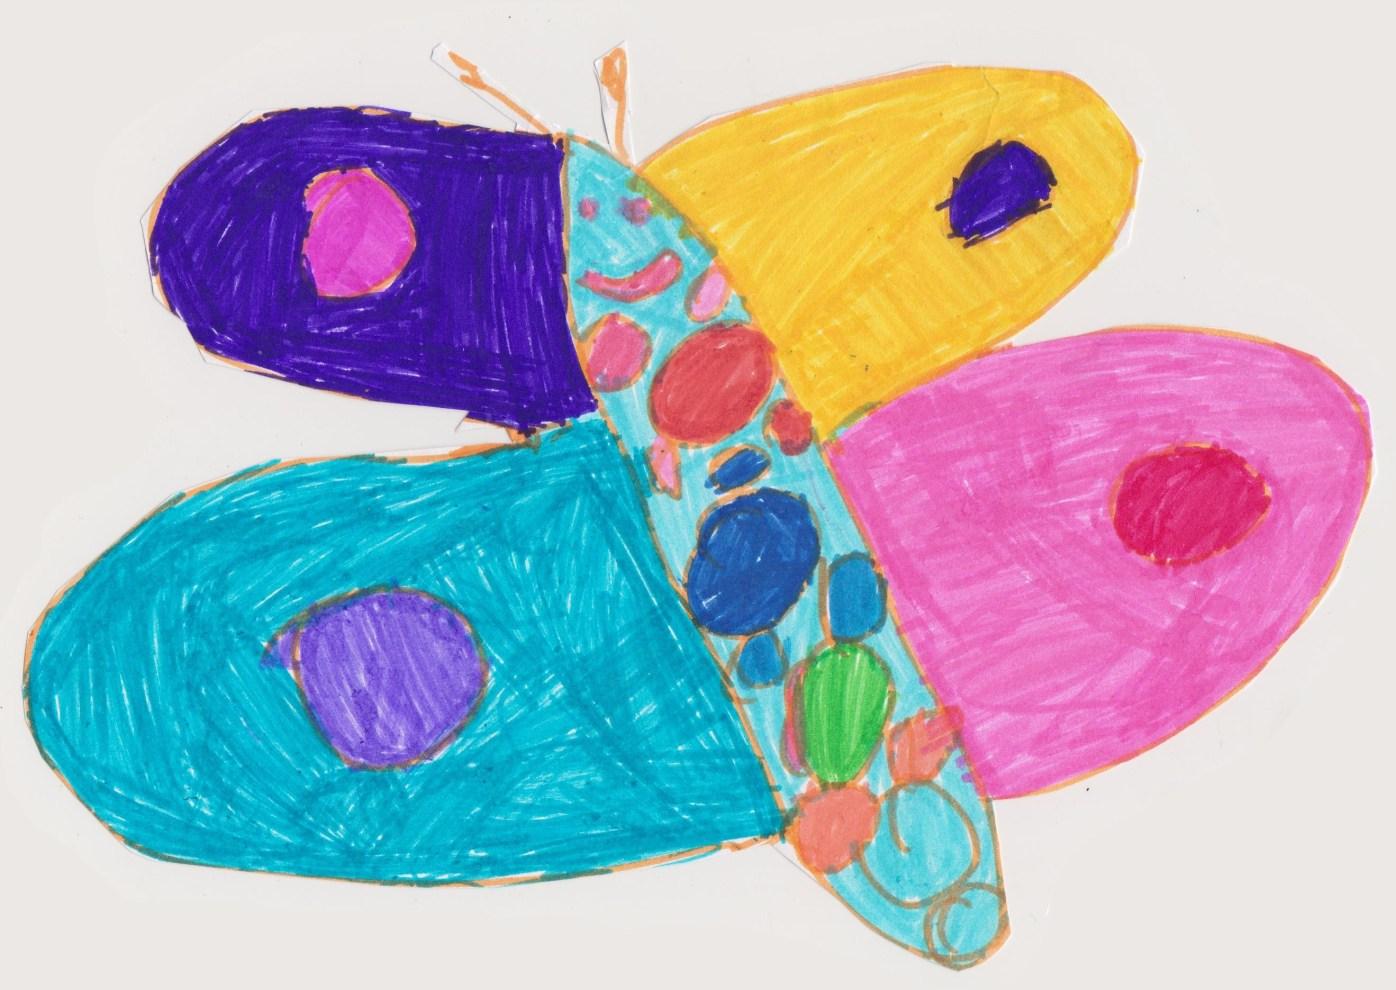 elanor butterfly june 2016 2.jpg